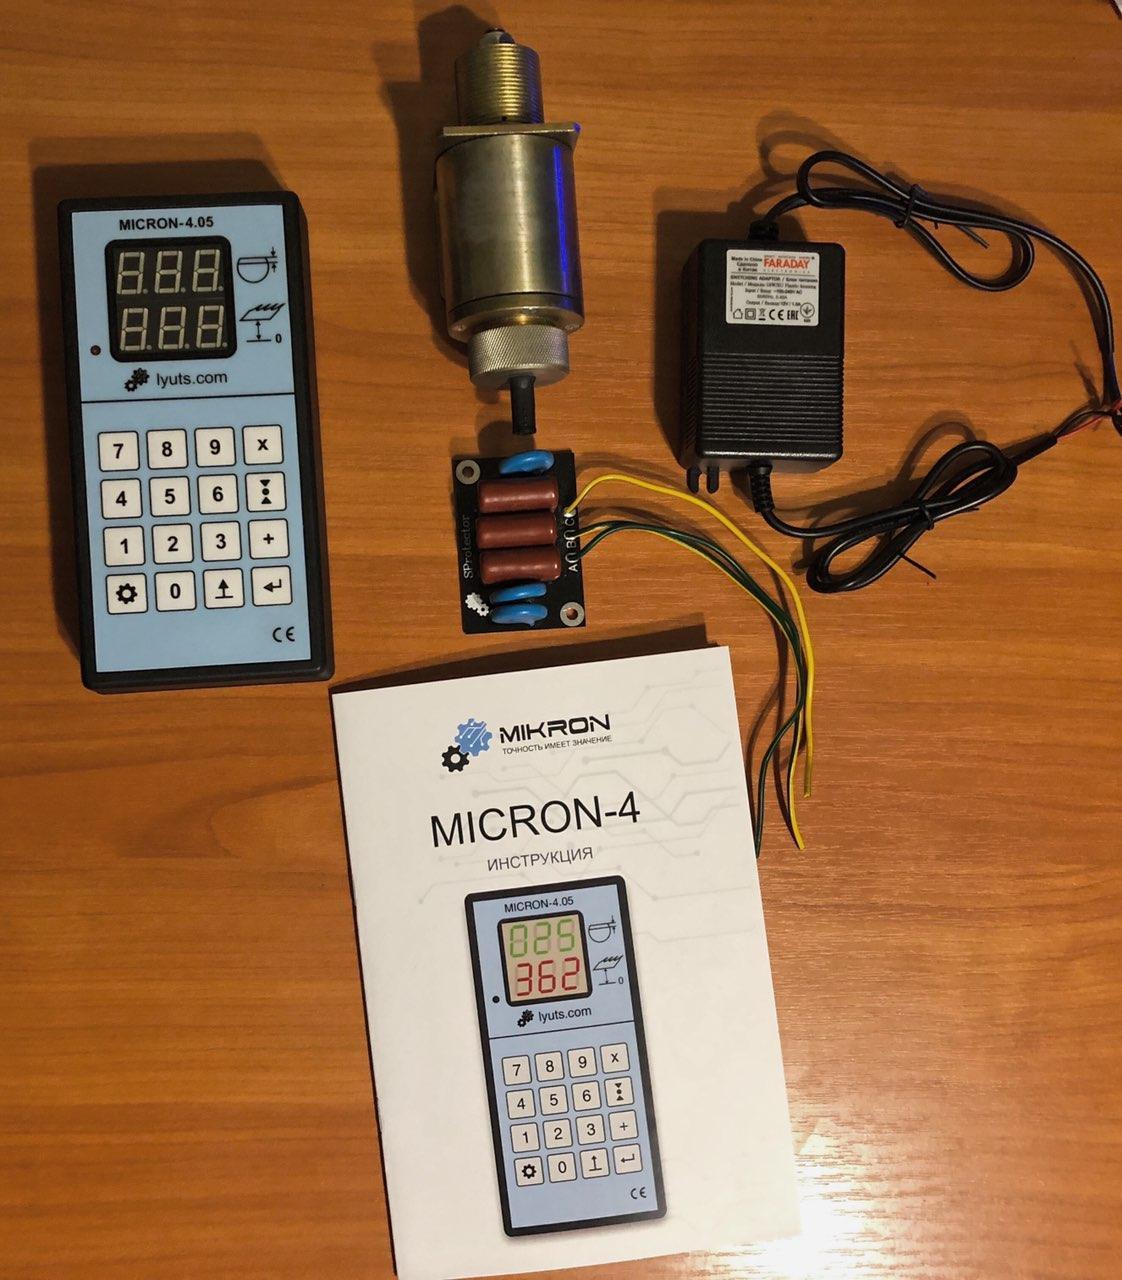 """Электронная линейка на пилораму """"Micron-4.05"""" + CL-80 датчик"""